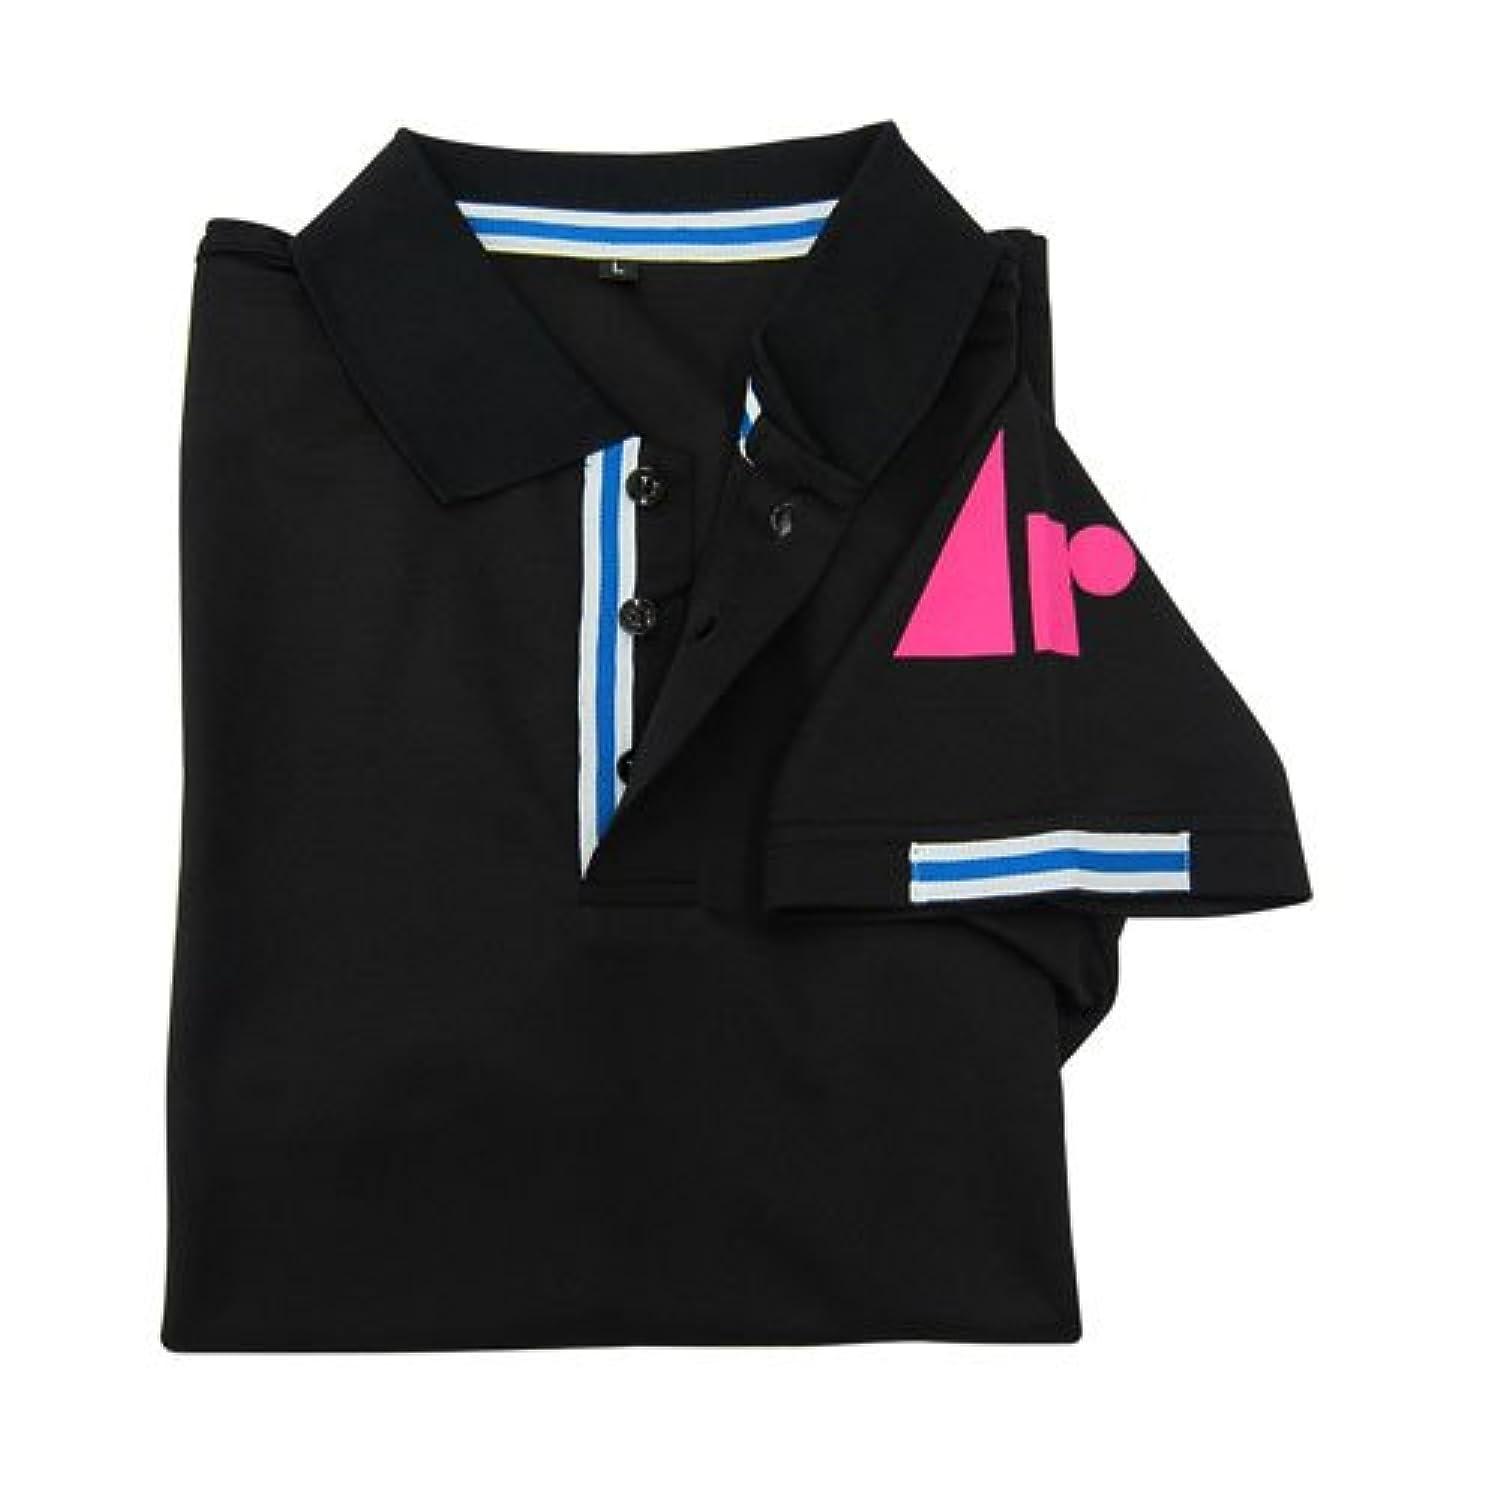 【ARUKAZIKJAPAN/アルカジックジャパン】Ar.クールポロシャツ 半袖 ブラック M 261265